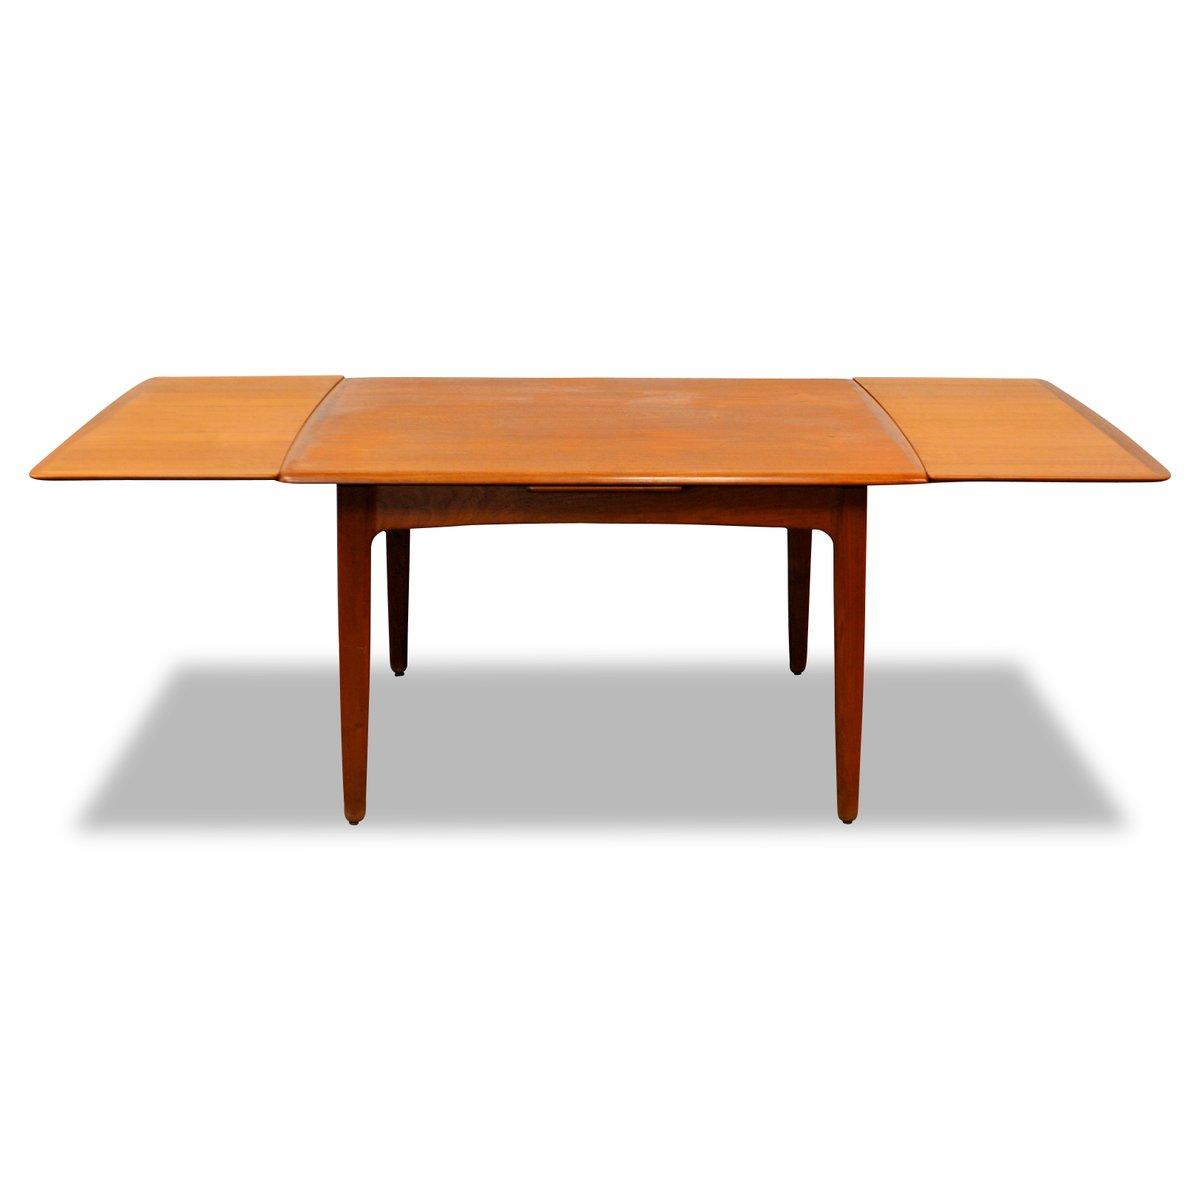 ausziehbarer teakholz esstisch von svend aage madsen f r k knudsen 1950er bei pamono kaufen. Black Bedroom Furniture Sets. Home Design Ideas